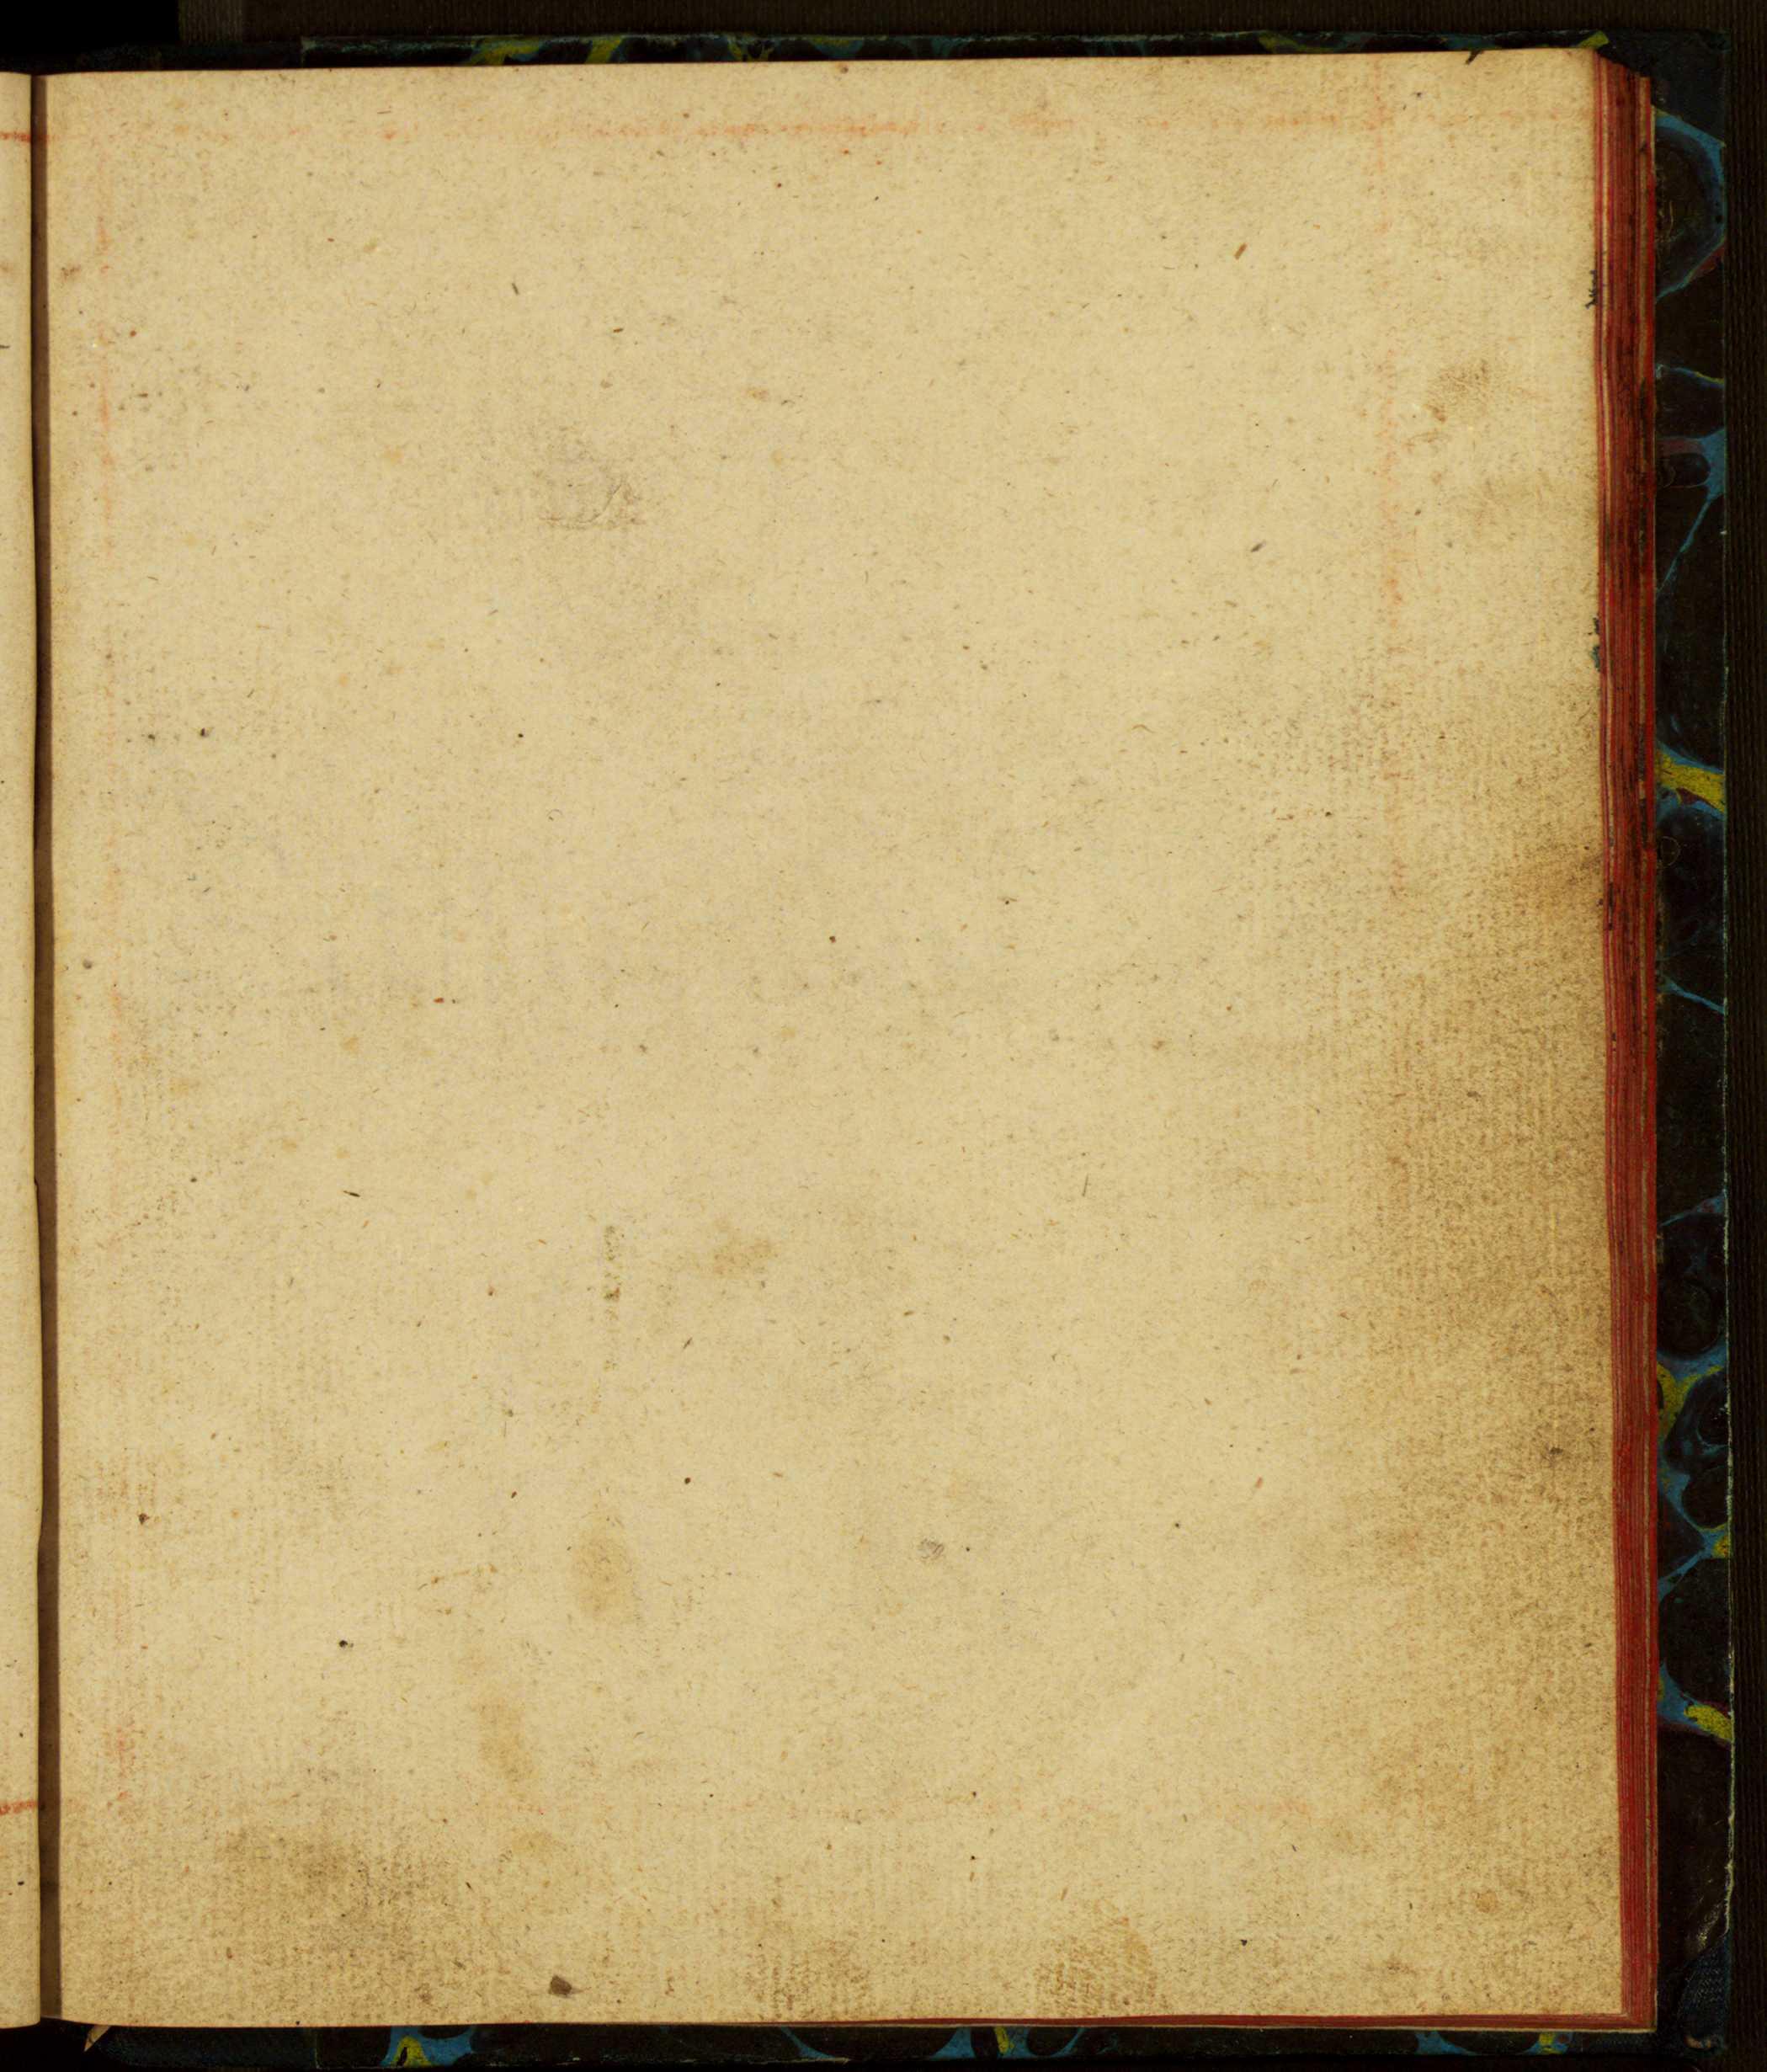 JS 630 4° - 47r